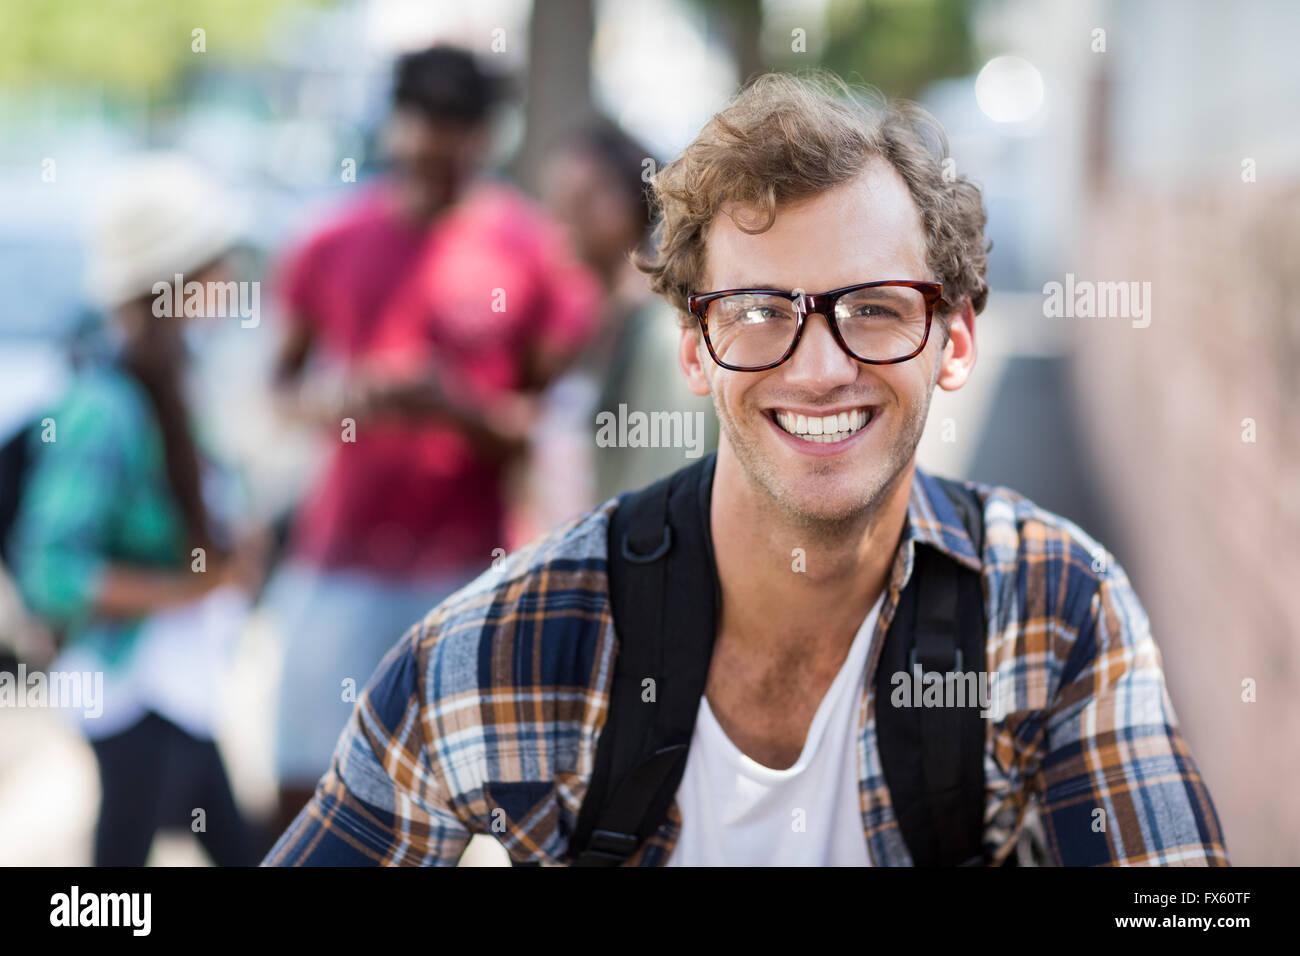 Porträt des jungen Mann lächelnd Stockbild